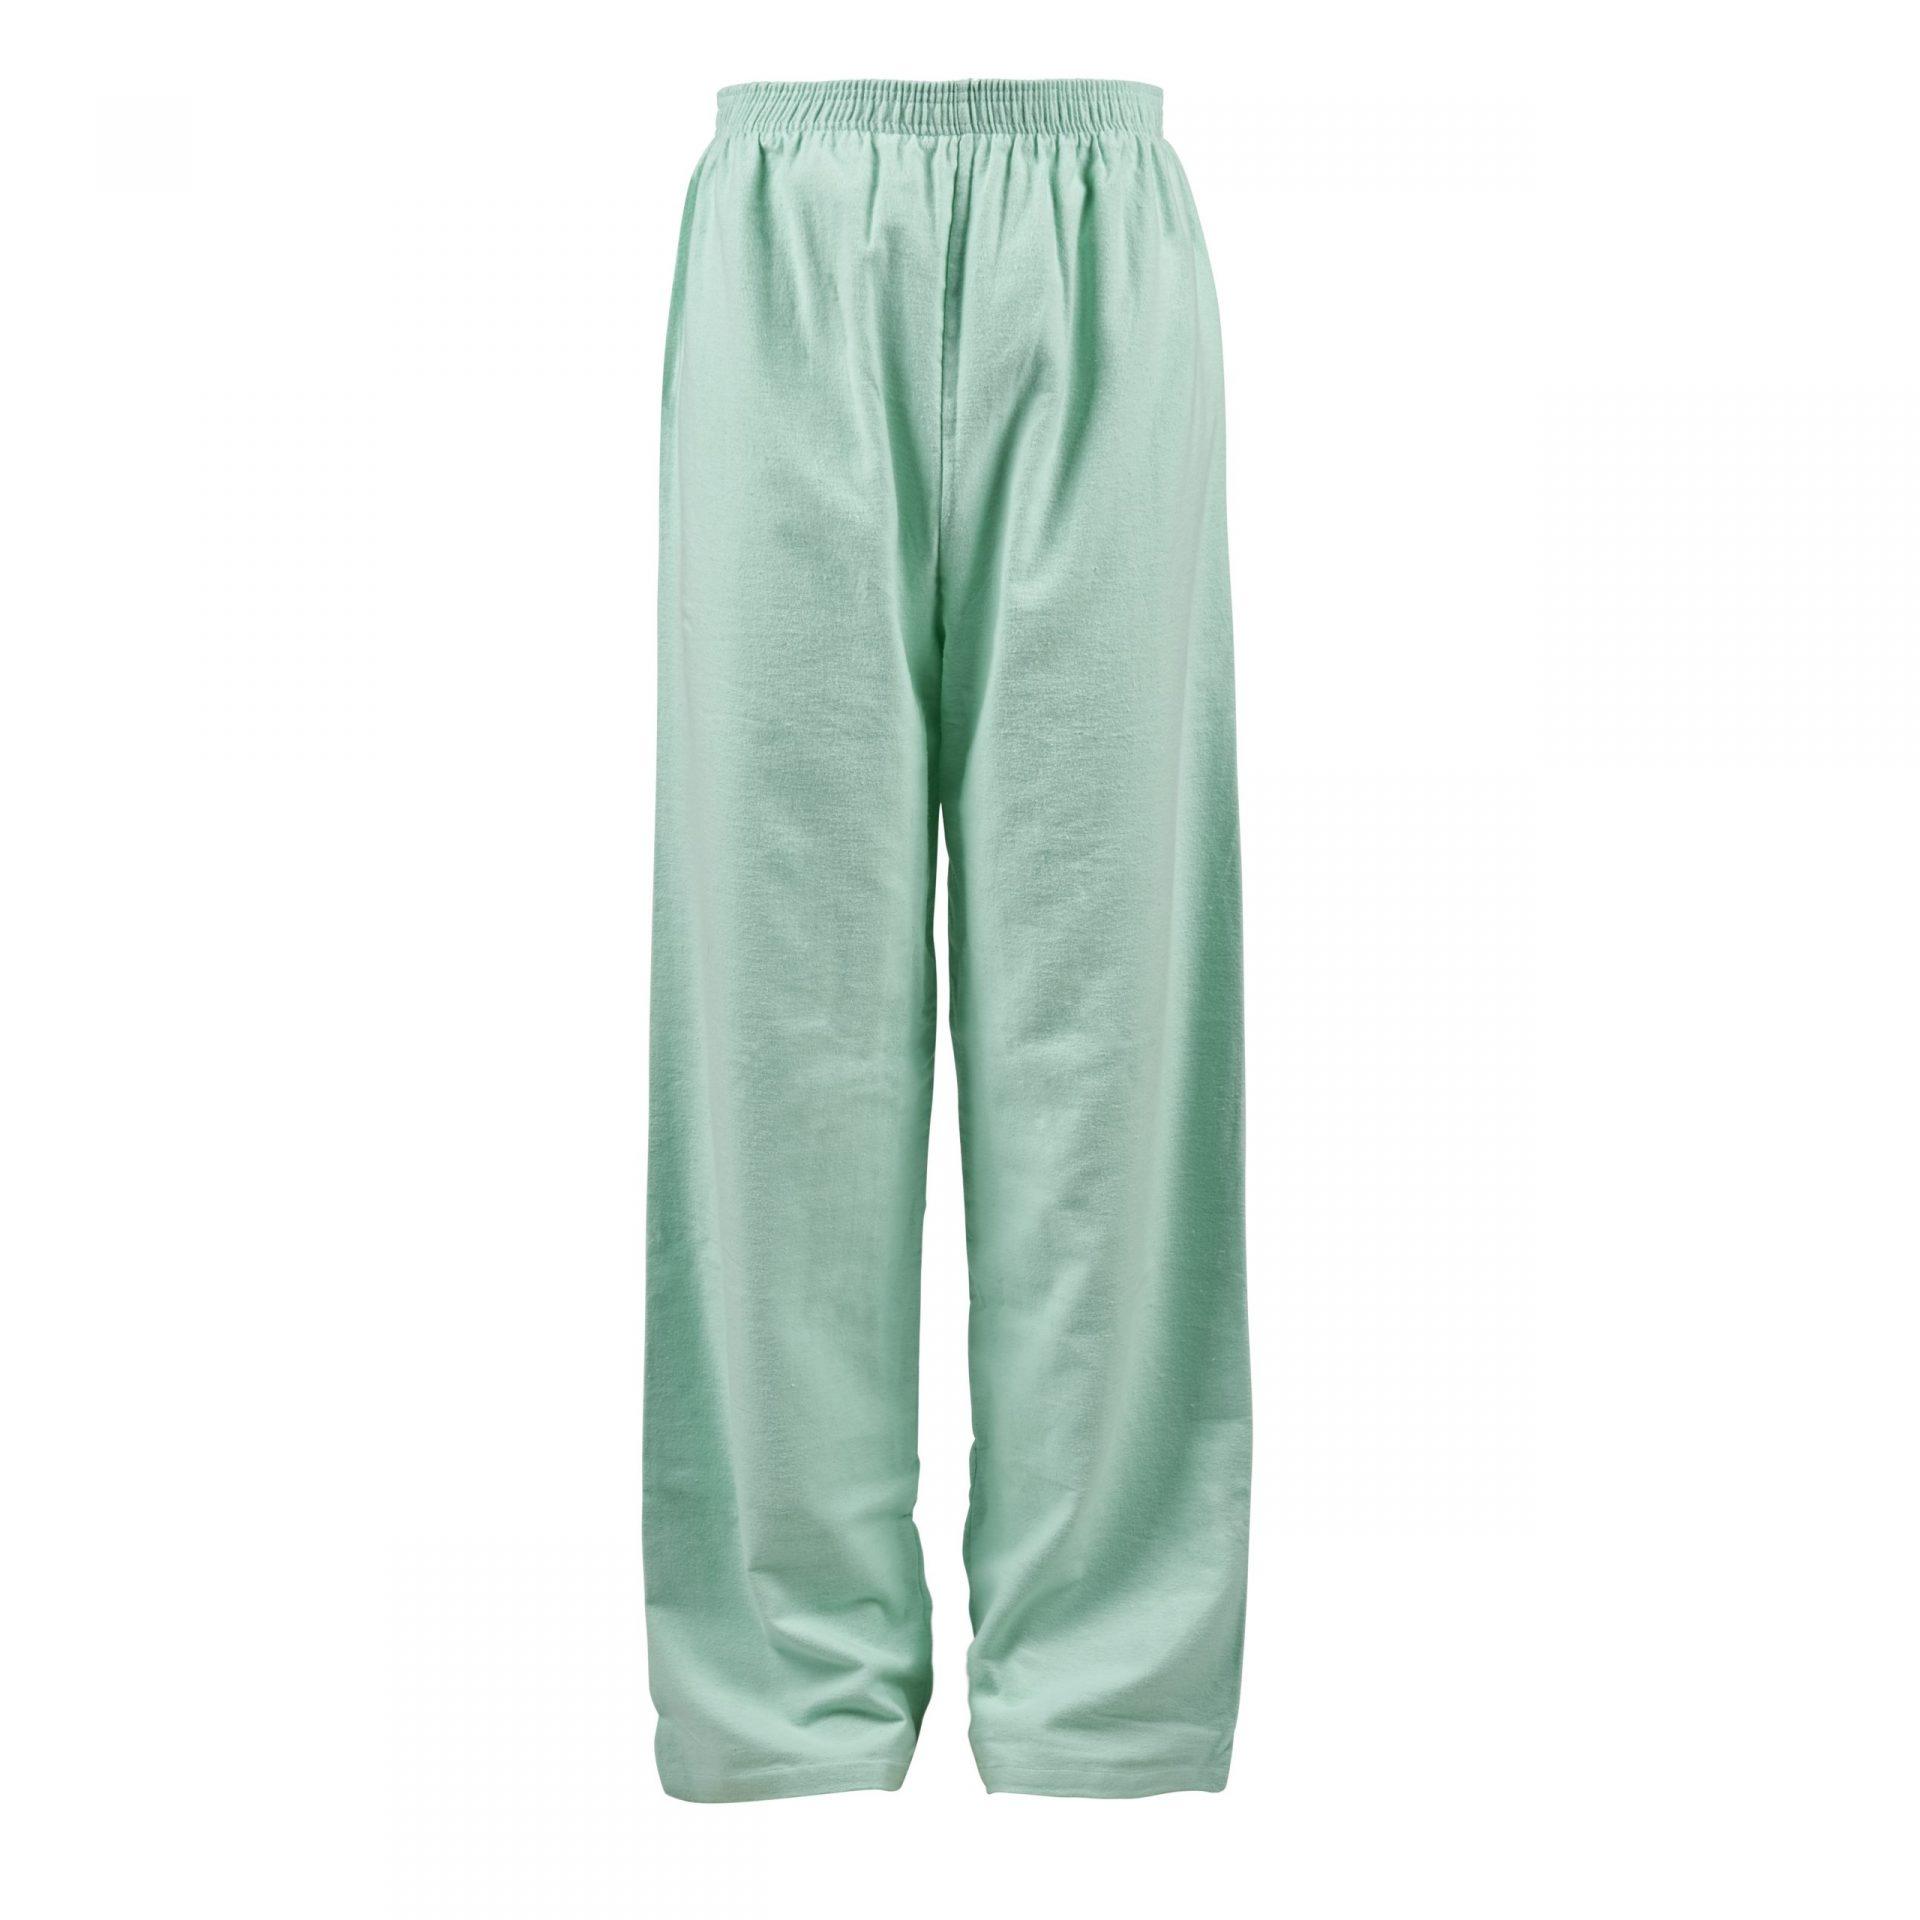 AT480_flannelette_pyjama_pants_elastic